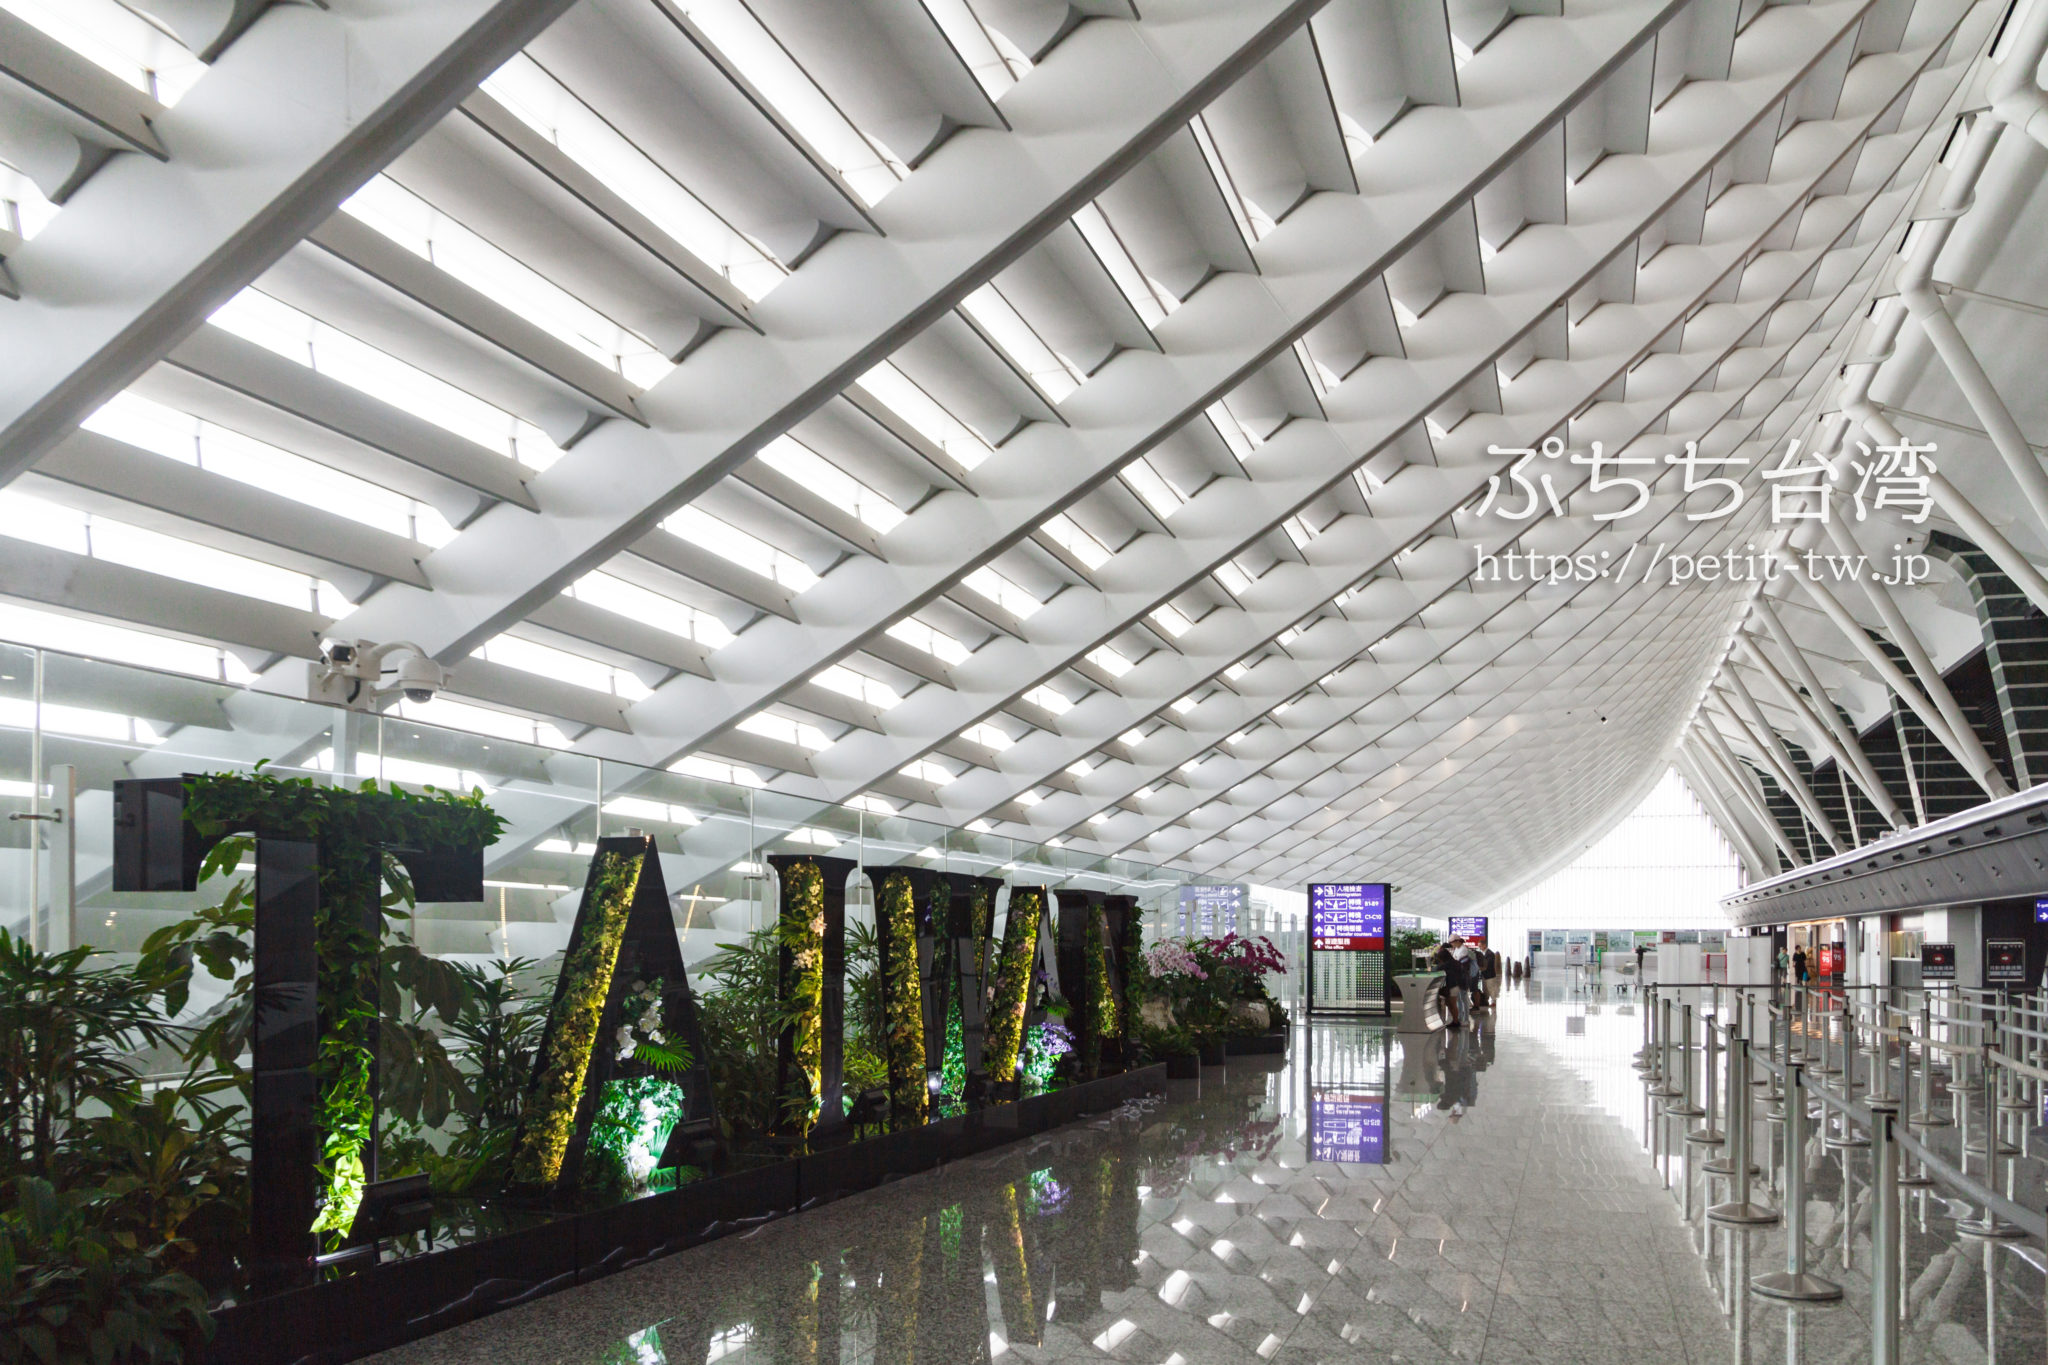 桃園国際空港ターミナル1